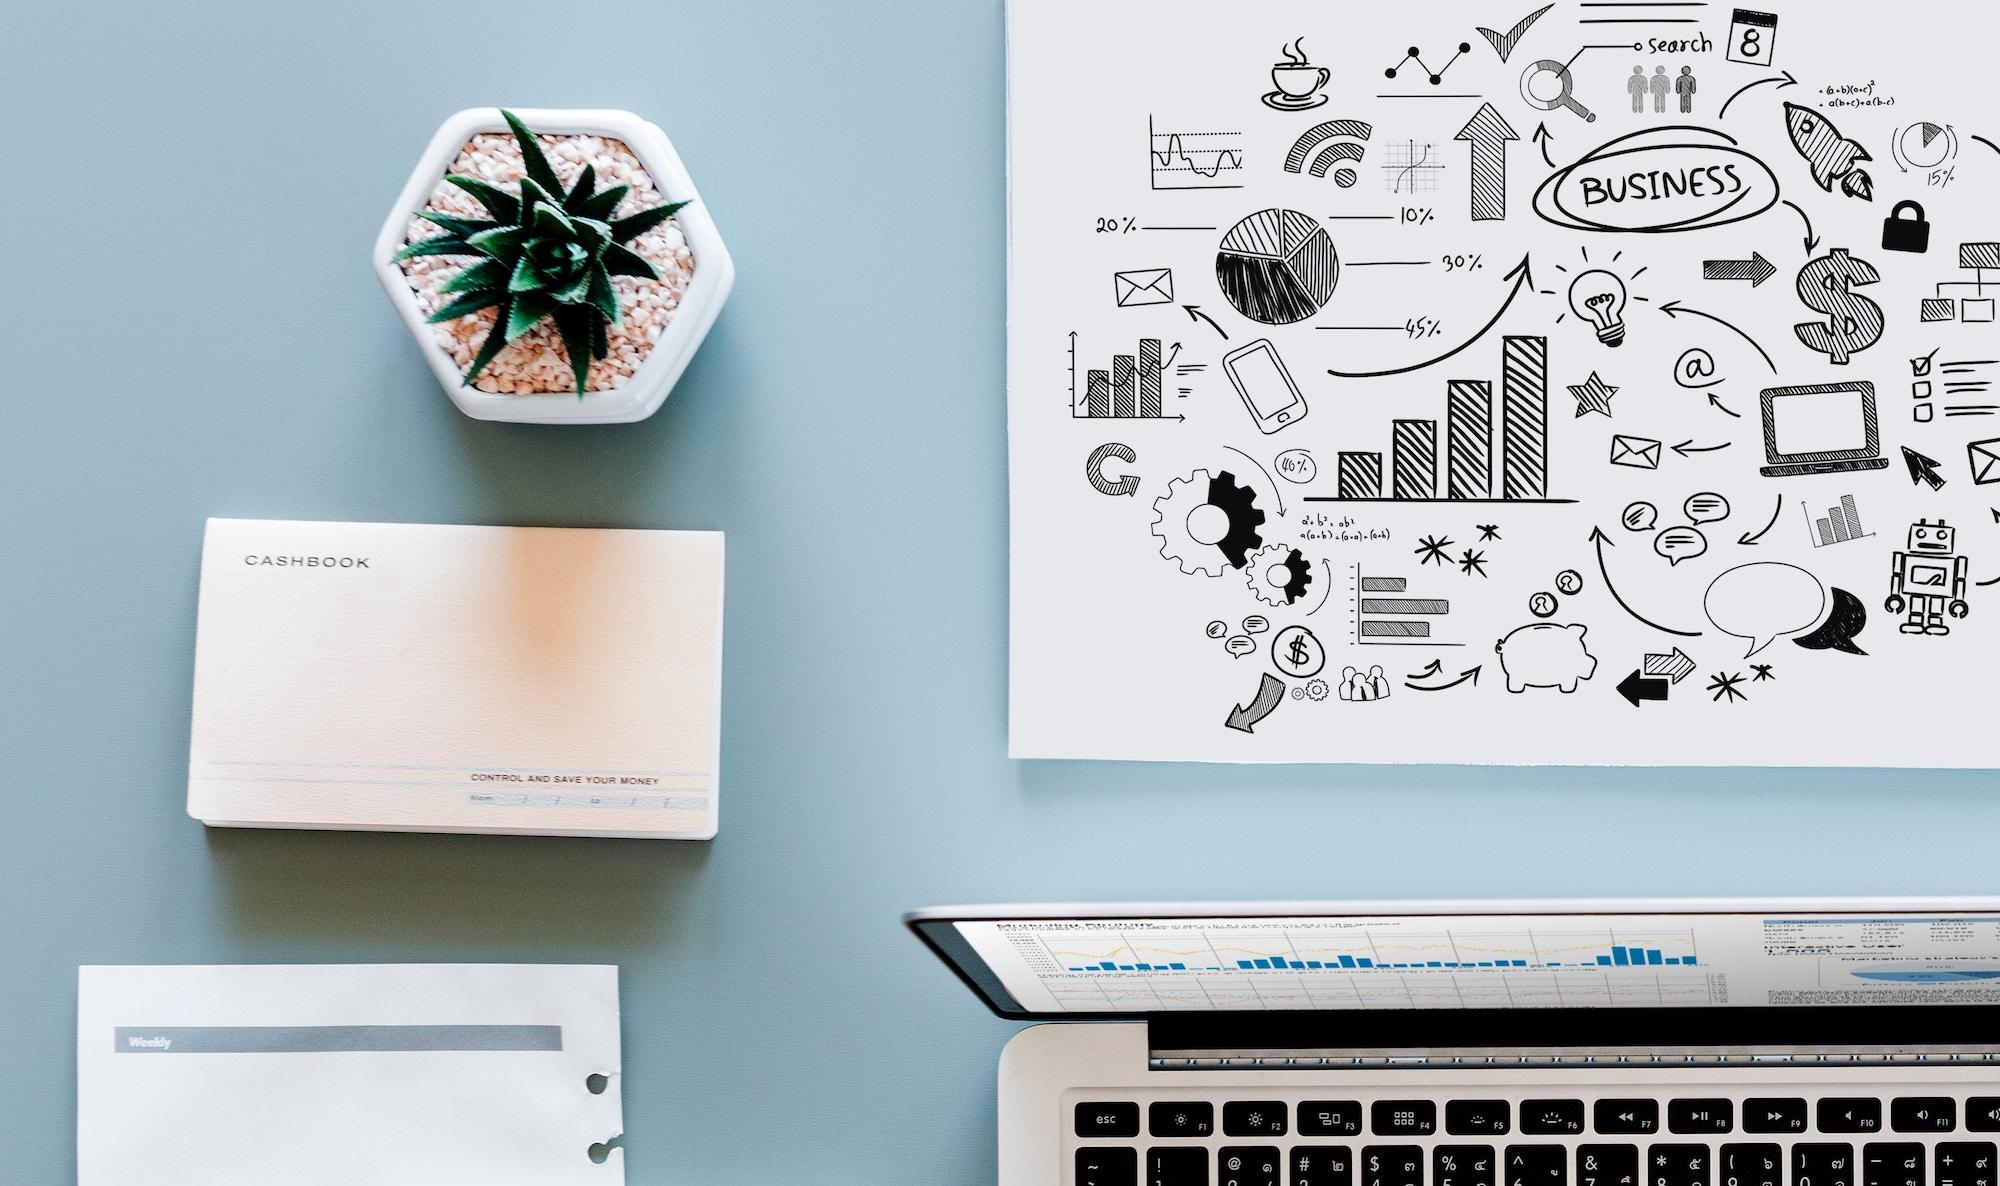 Як оцінити та підвищити ефективність роботи бухгалтера